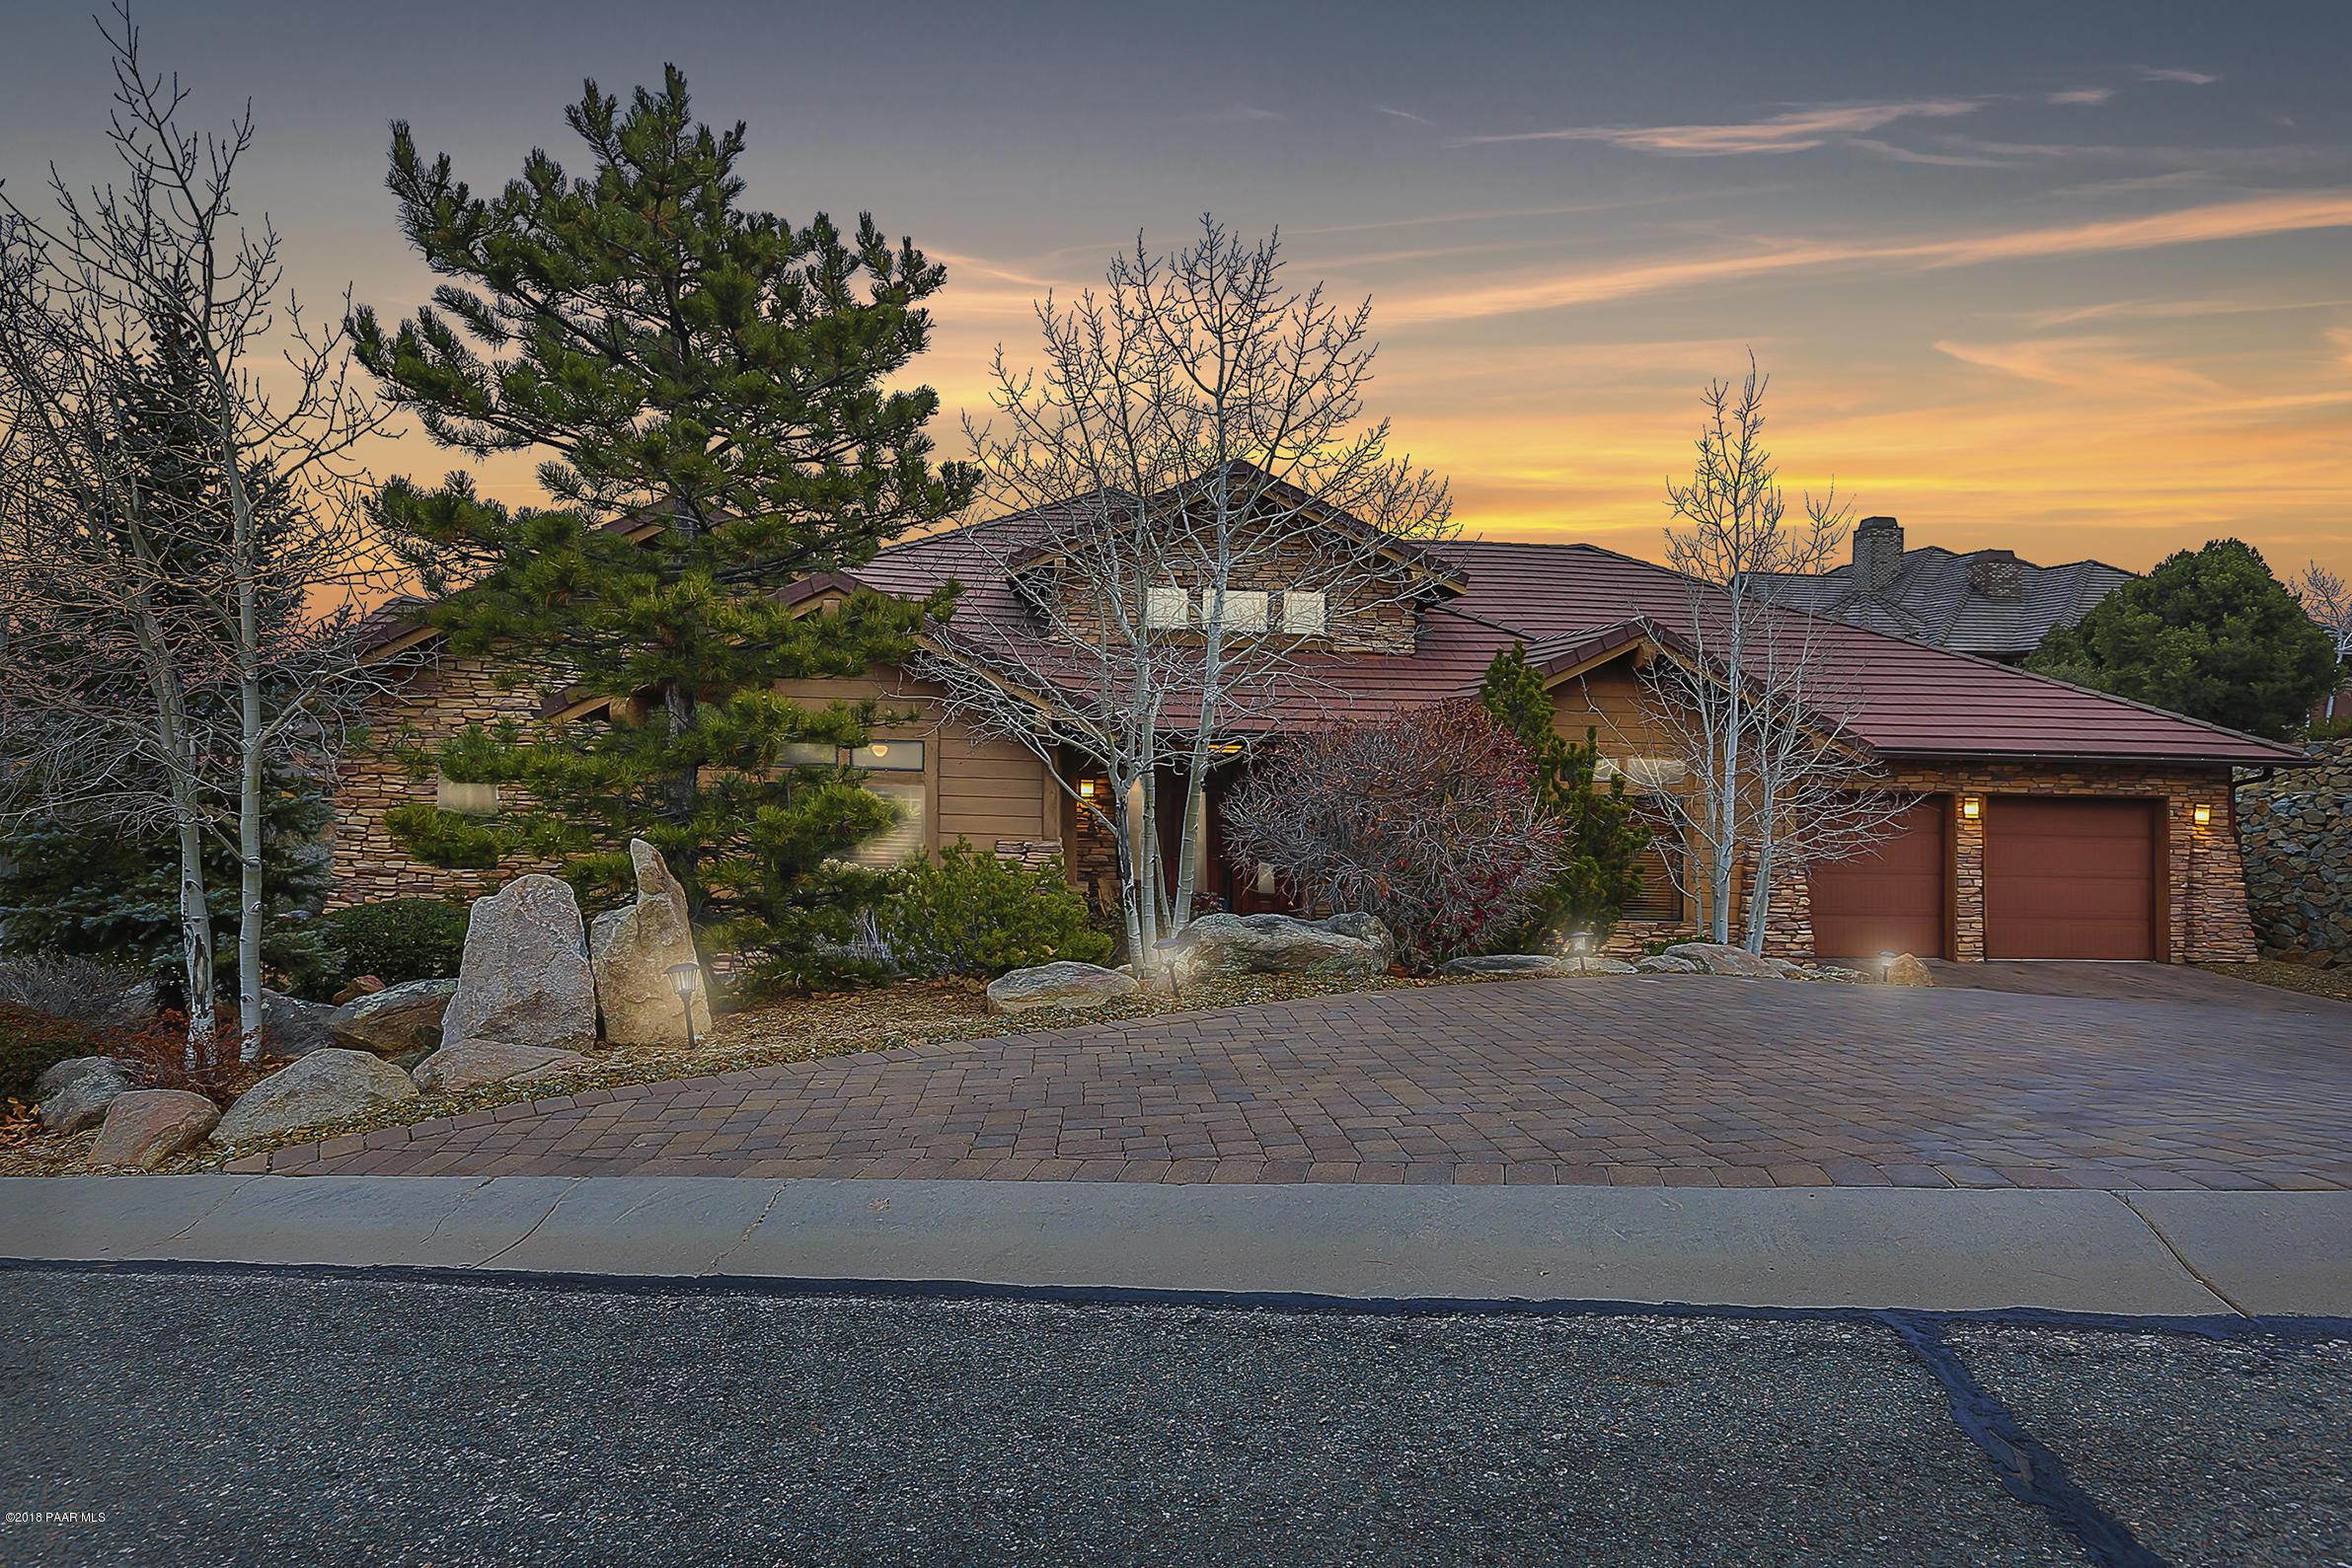 Photo of 1575 Standing Eagle, Prescott, AZ 86301